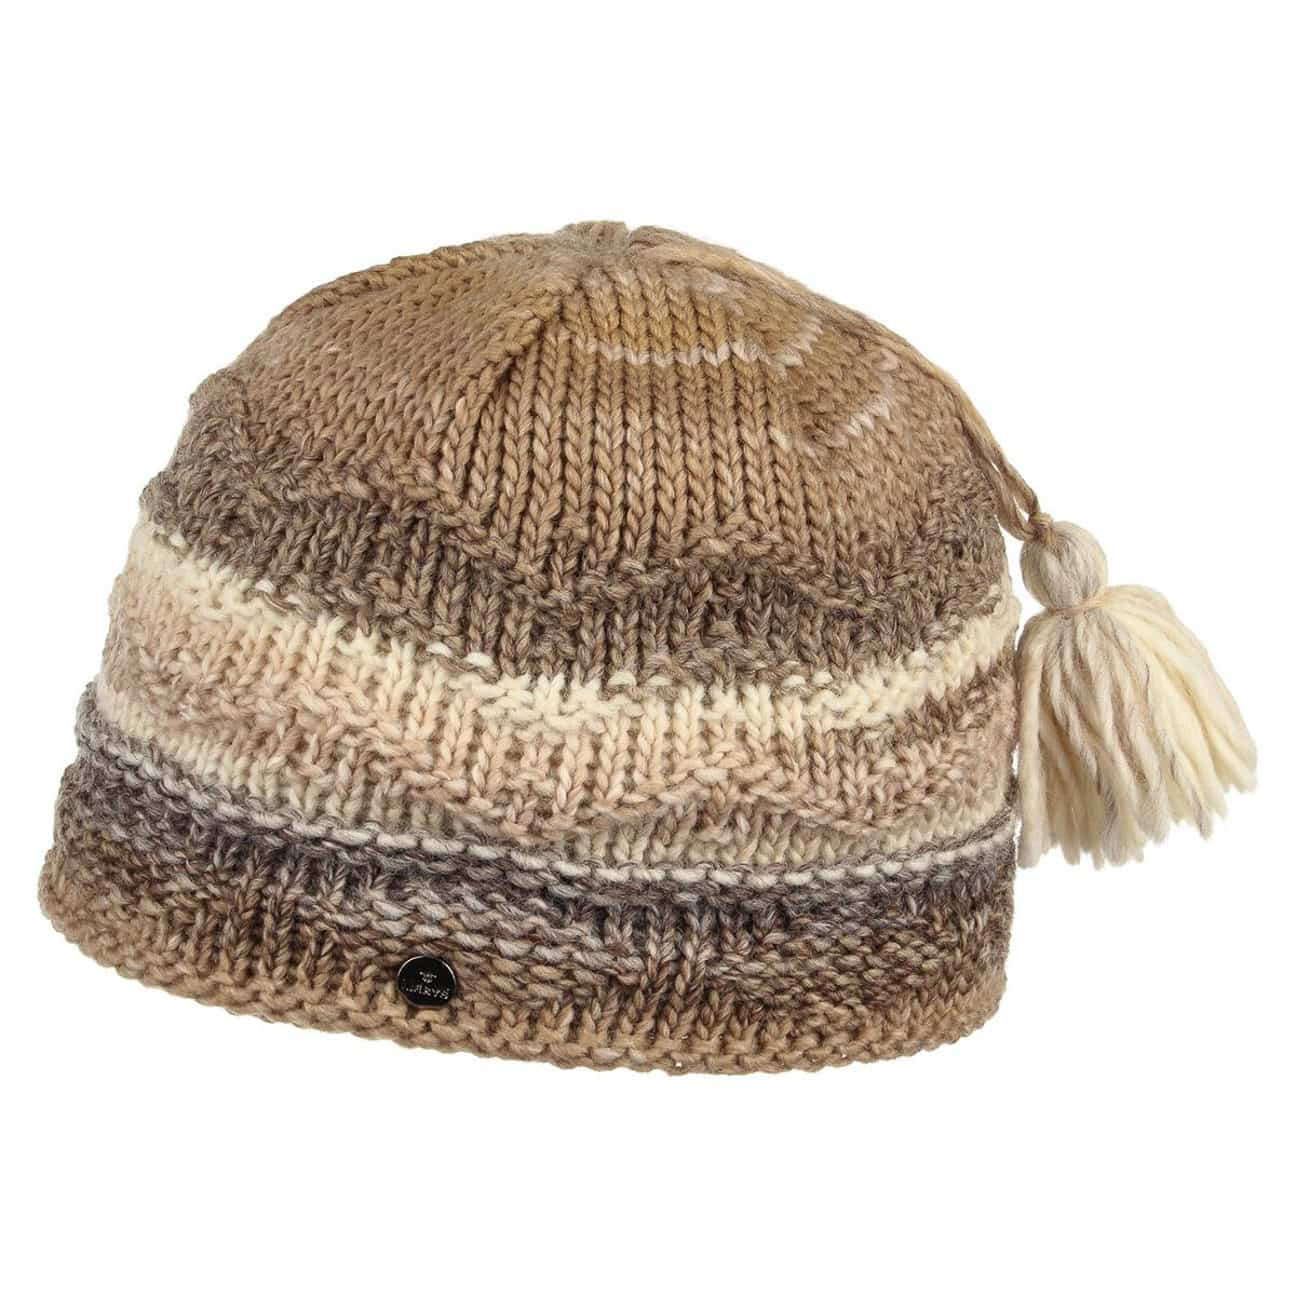 ... Tassel Knit Hat by Lierys - beige 1 ... f6ca96cb0c1